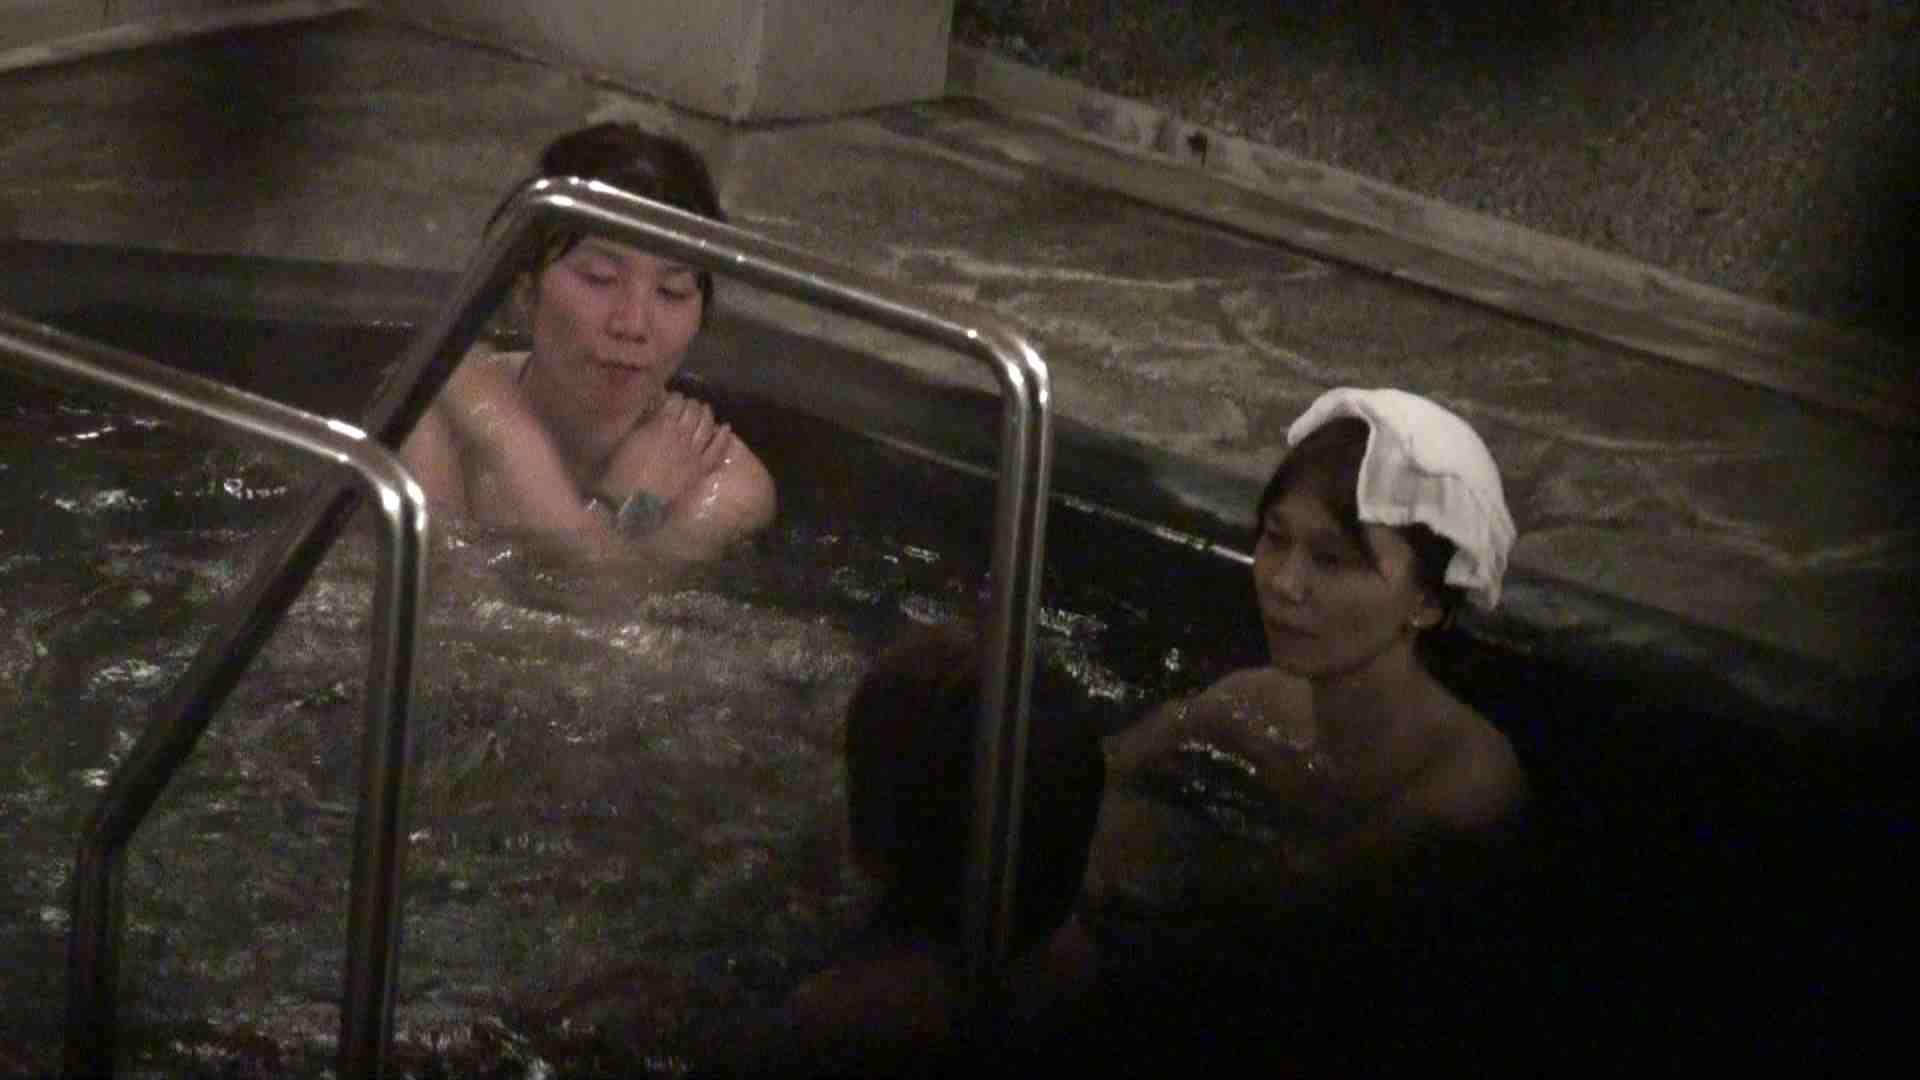 Aquaな露天風呂Vol.419 OLのエロ生活   盗撮  29連発 10